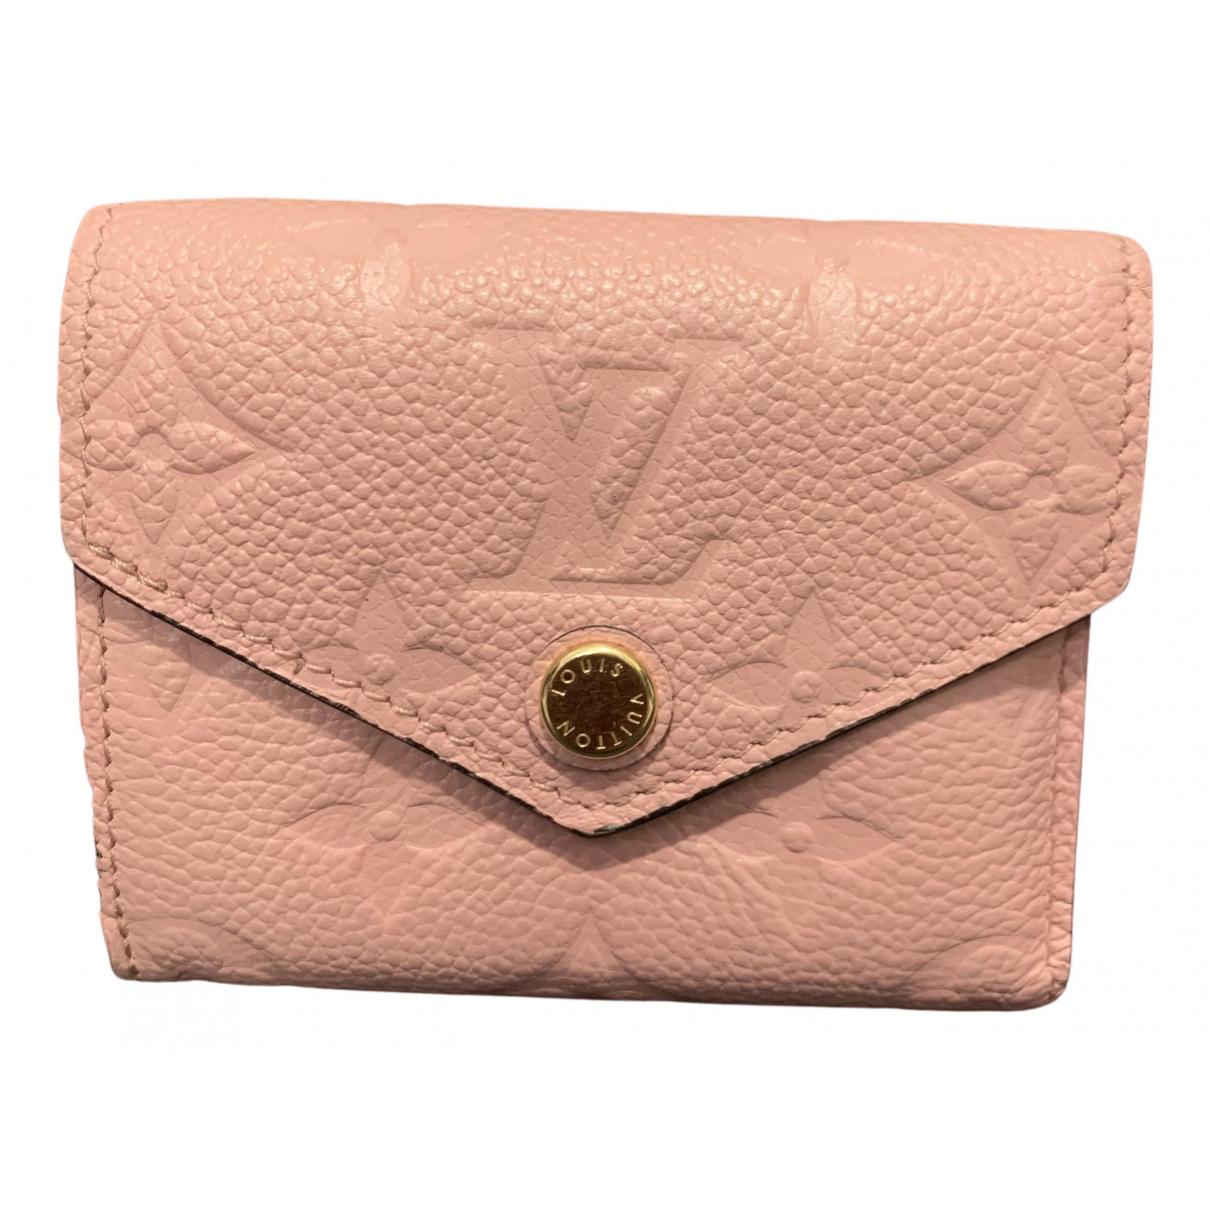 Louis Vuitton - Petite maroquinerie   pour femme en cuir - rose